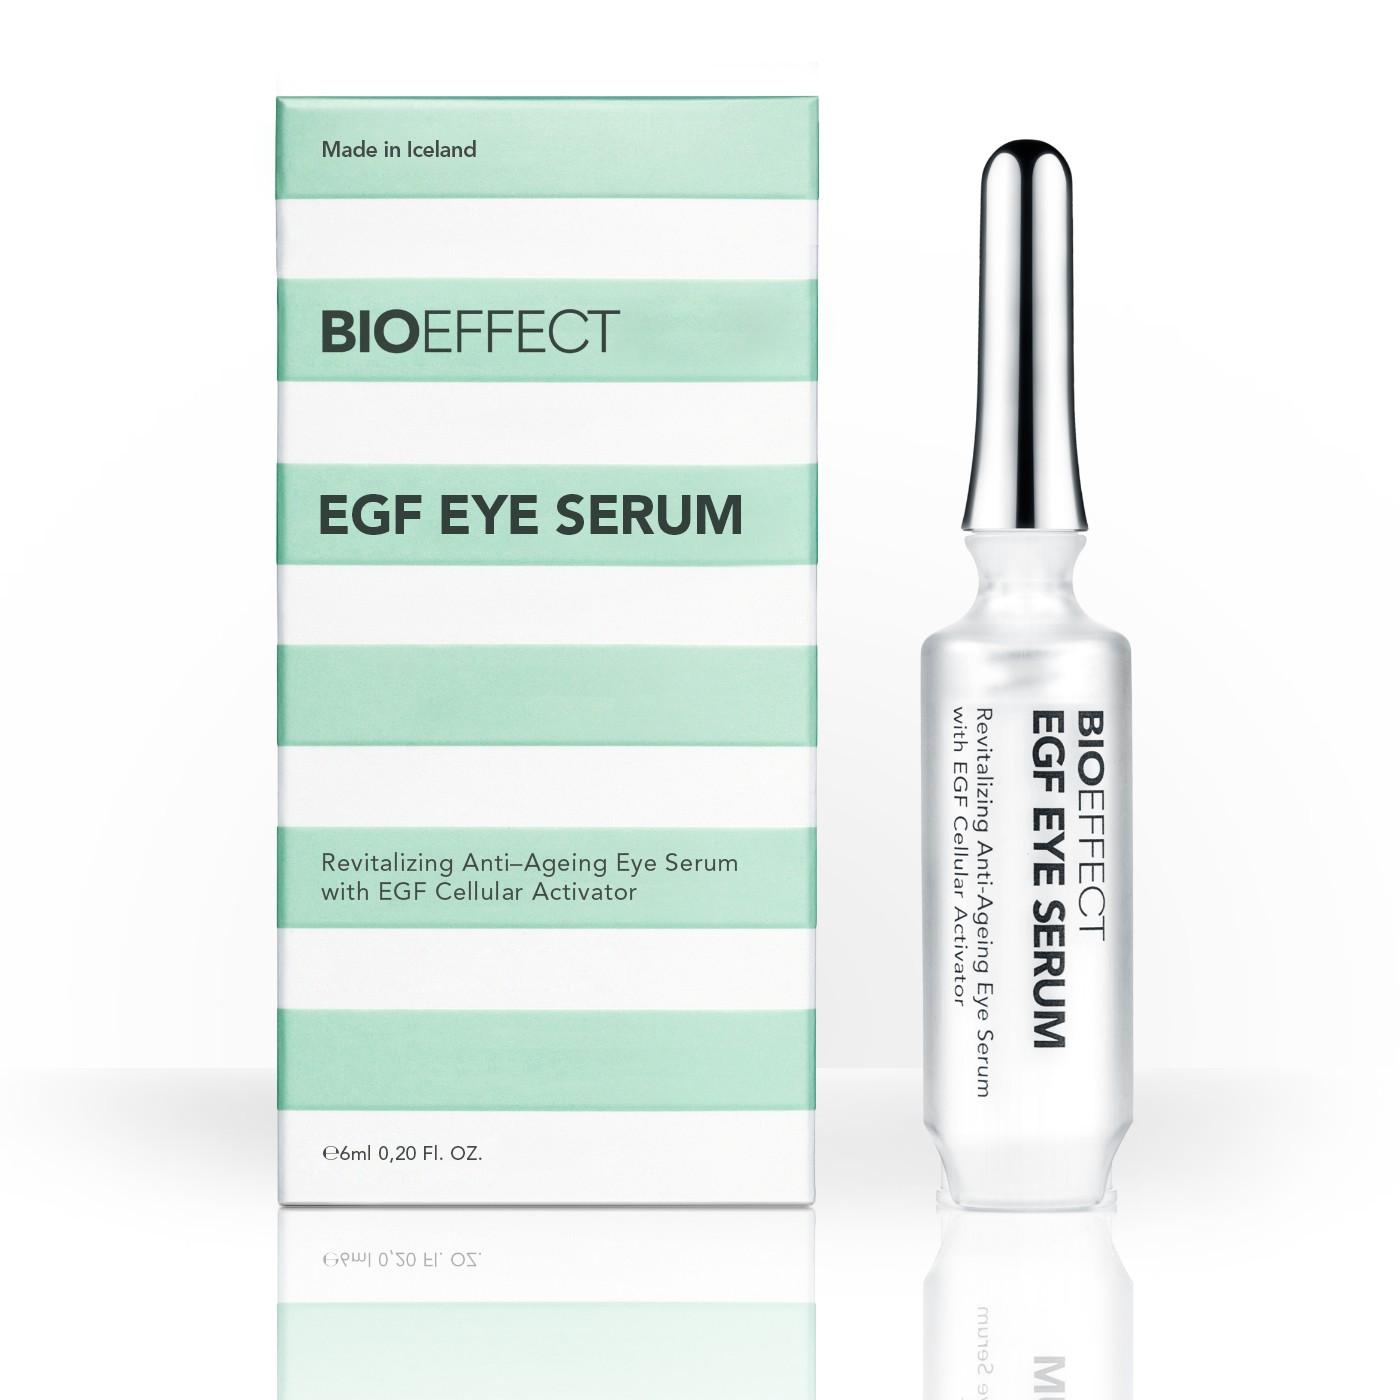 Bioefect Eye Serum - 6ml